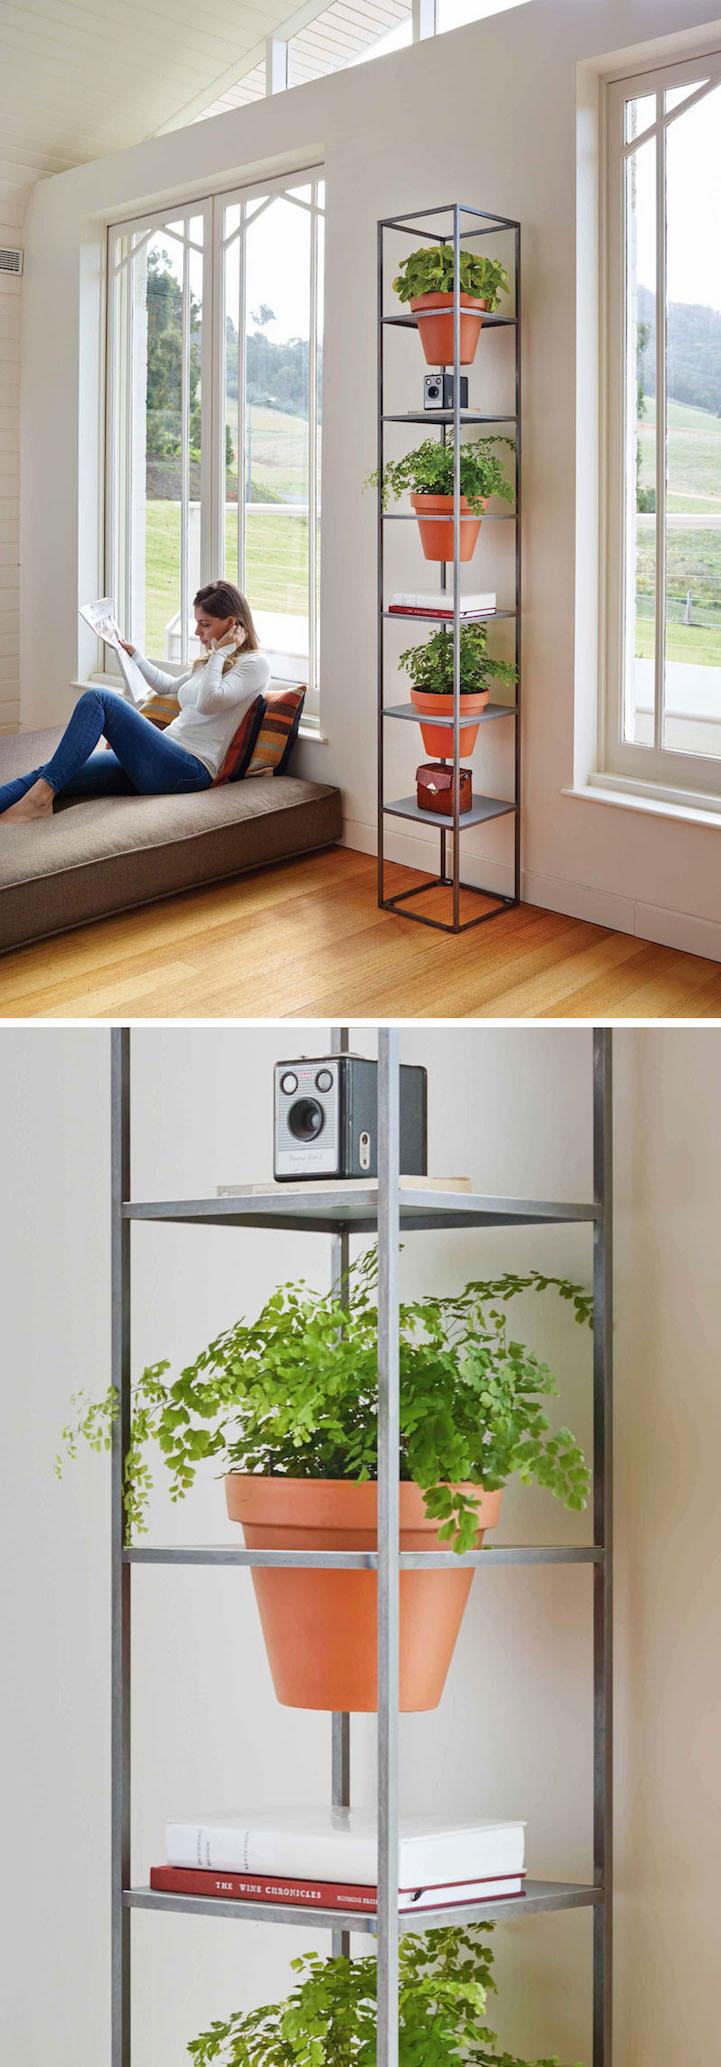 verticalgarden3